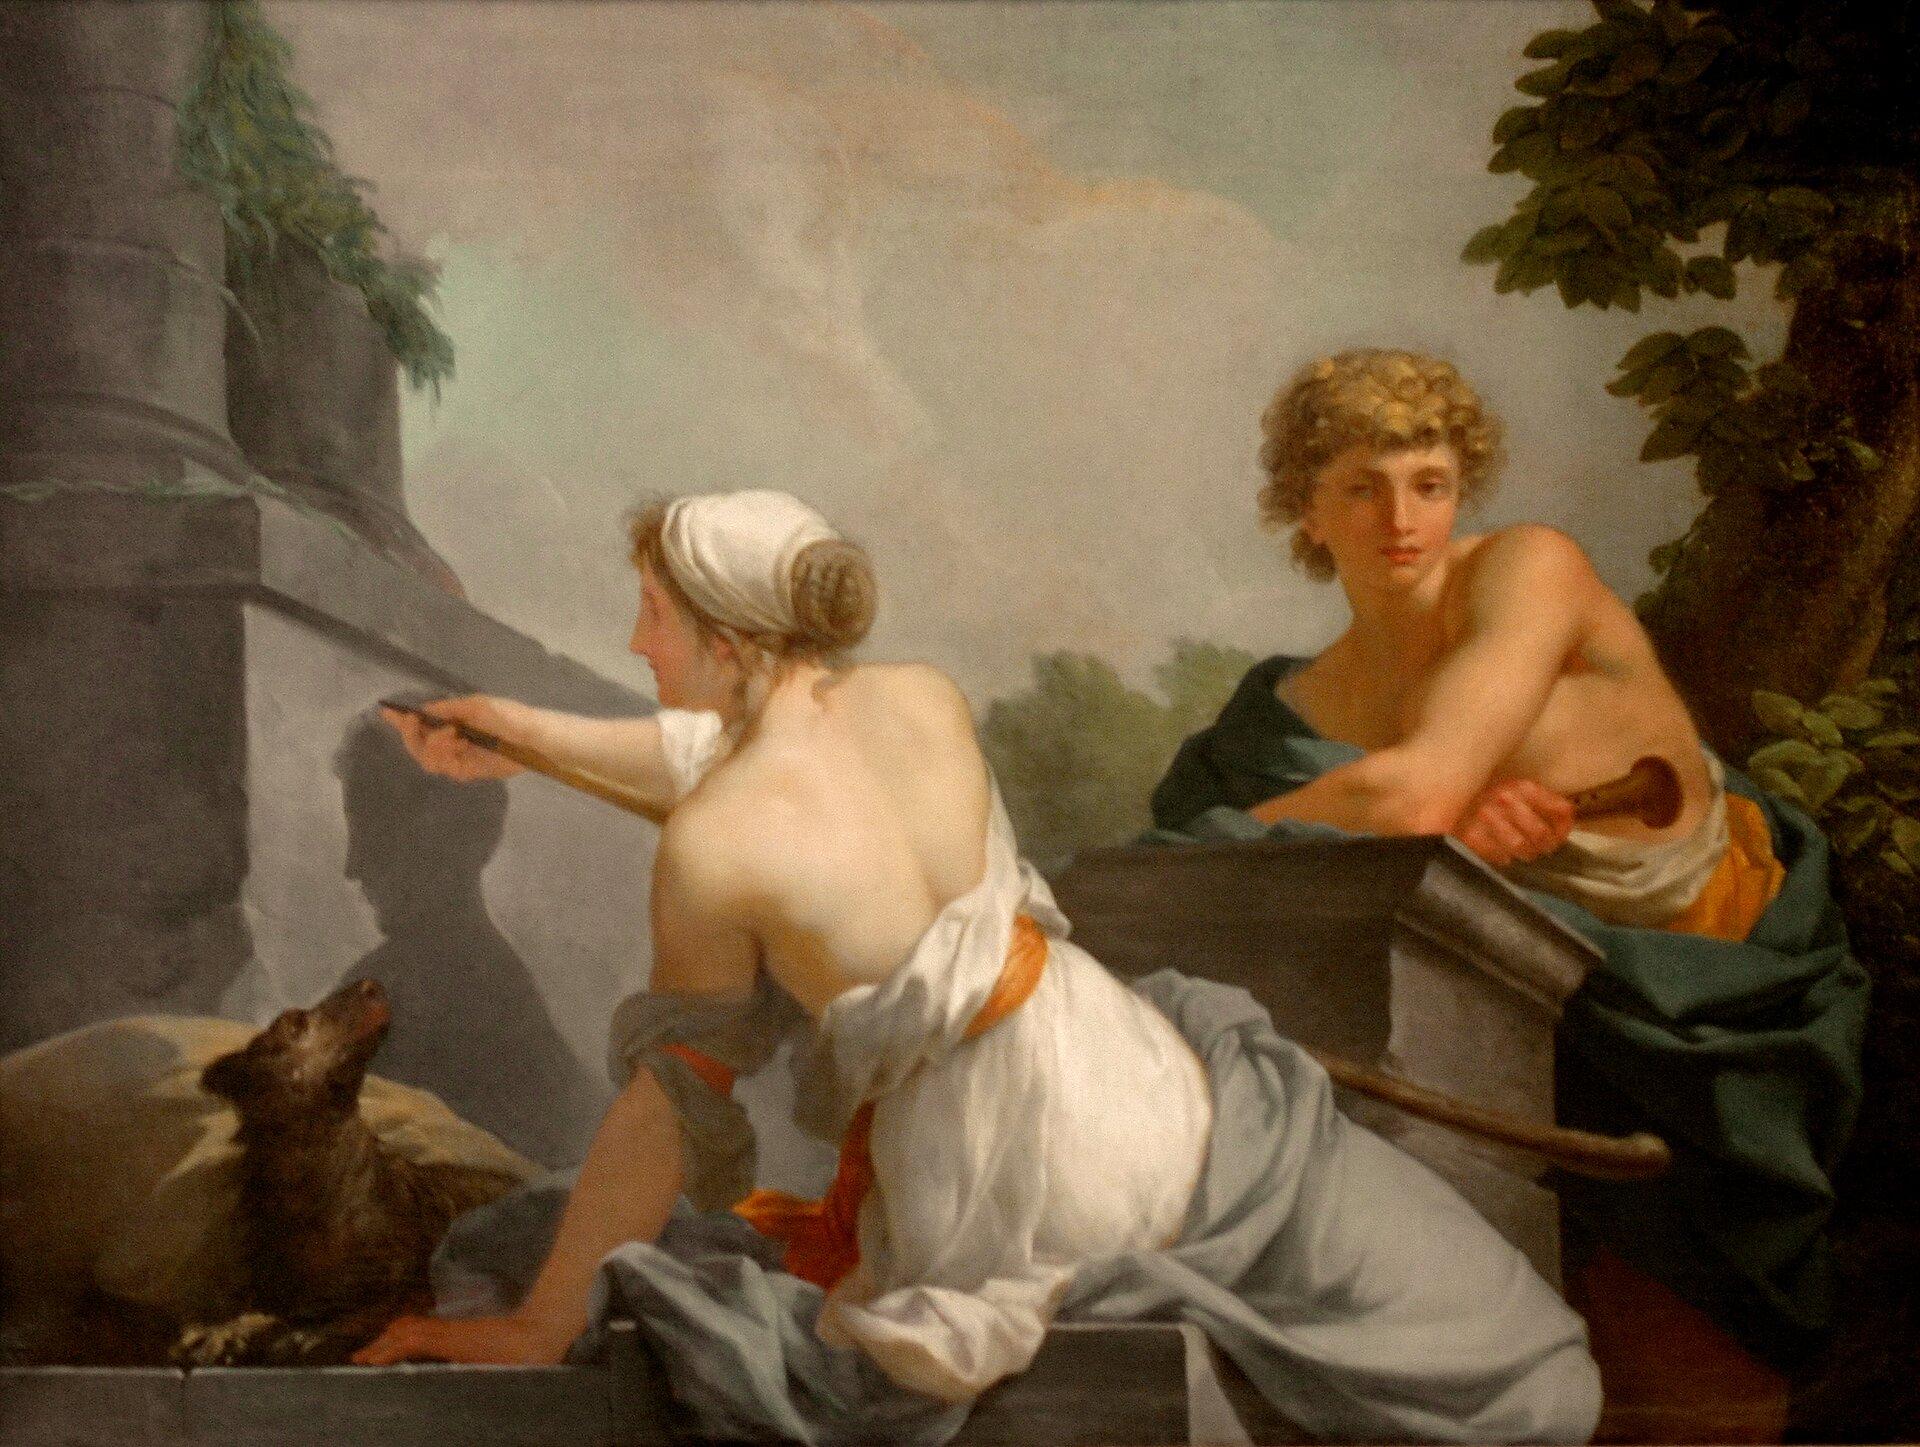 """Ilustracja przedstawiająca obraz Jeana Baptiste Regnaulta pt. """"Początki malarstwa"""". Obraz przedstawia młodych kobietę imężczyznę. Kobieta rysuje po kamiennej ścianie."""